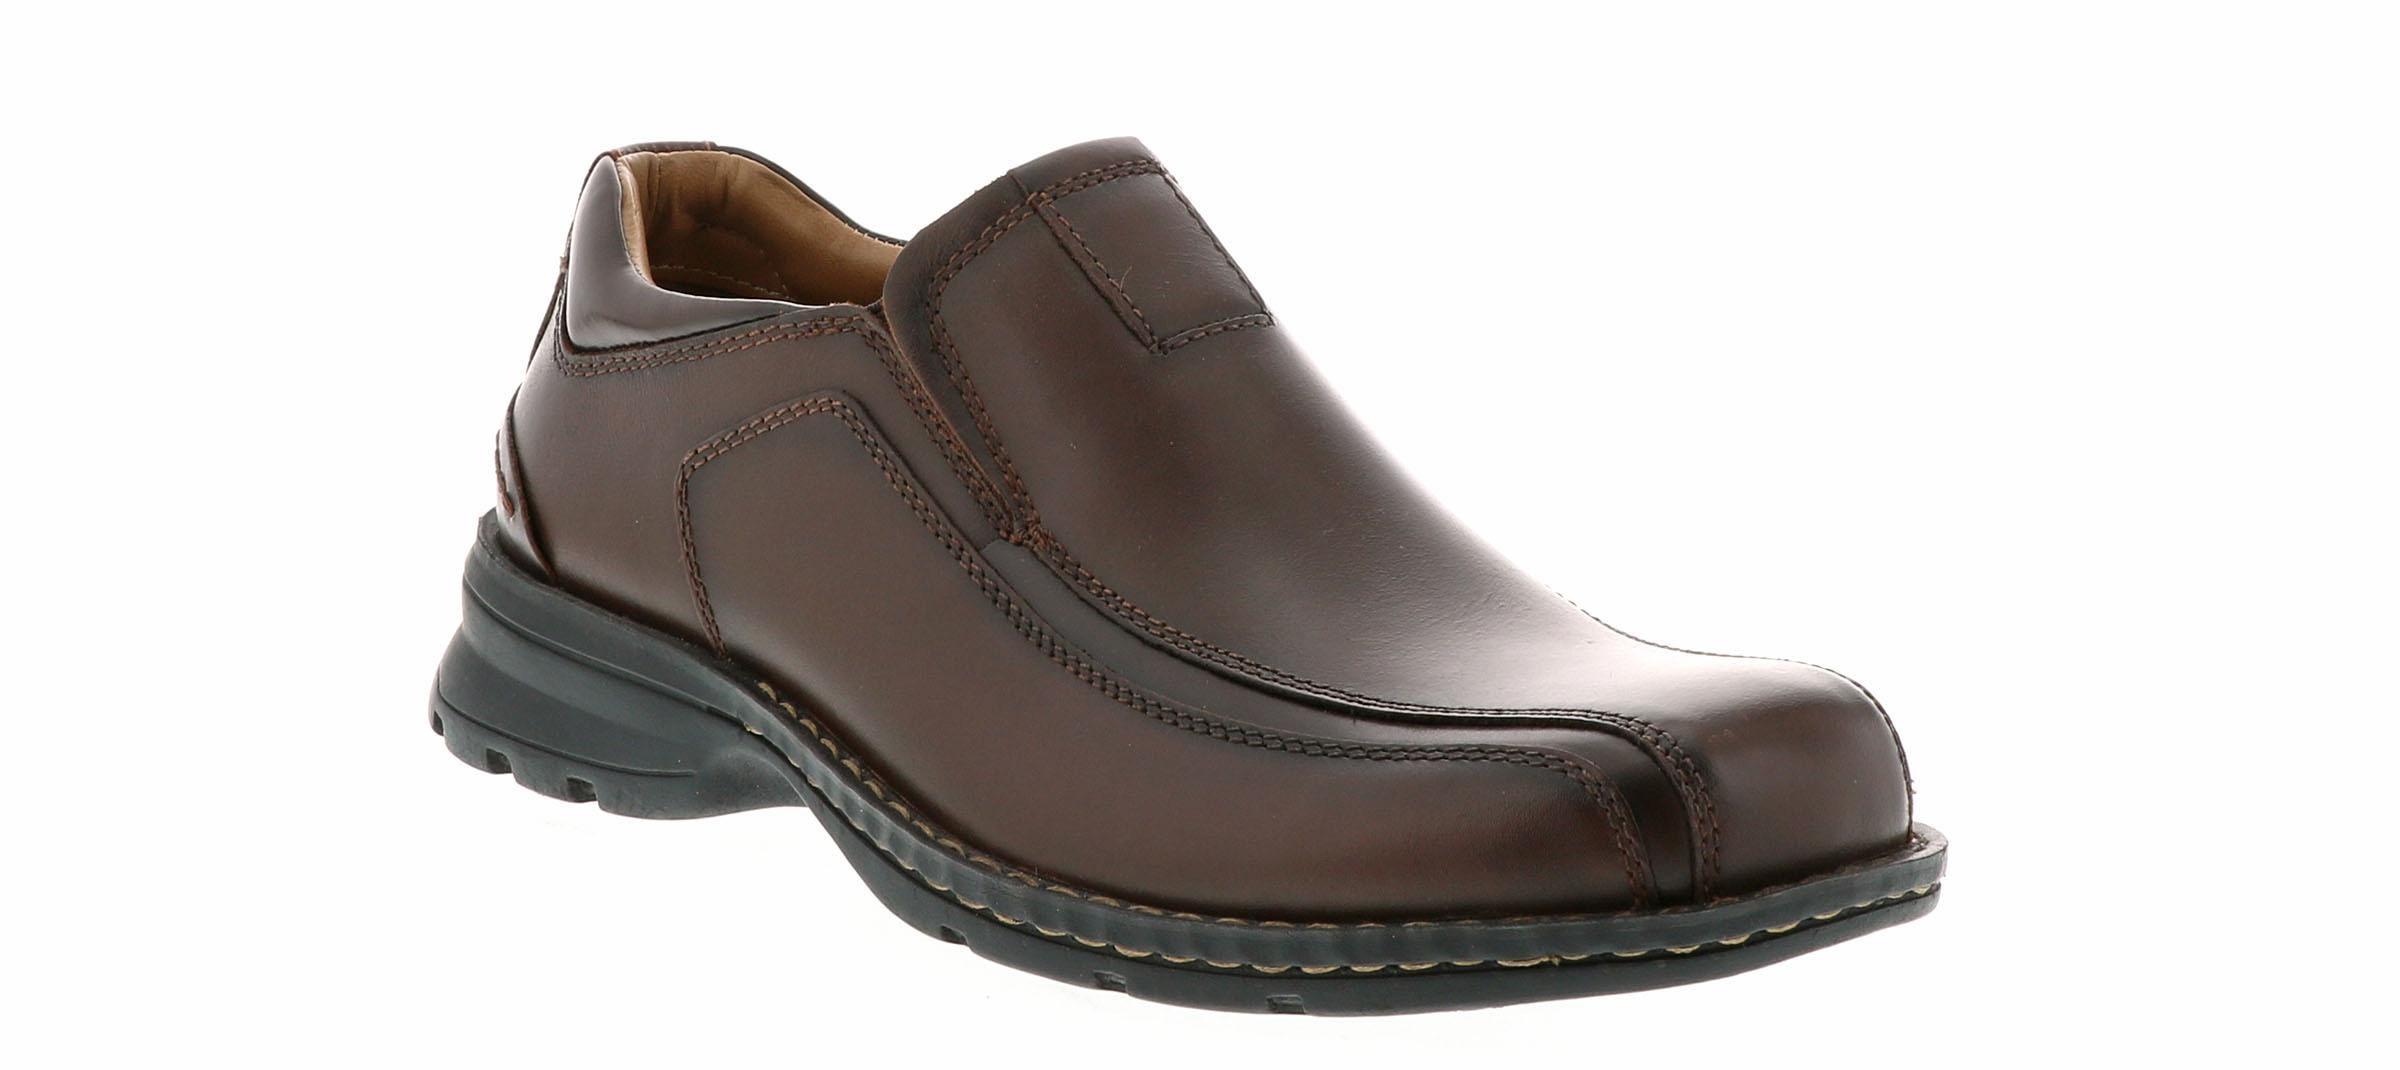 Mens Dockers ShoesLoafersSandalsBoat Mens ShoesLoafersSandalsBoat Shoes Shoesensation Shoesensation Mens Dockers Dockers Shoes OPX8kn0w